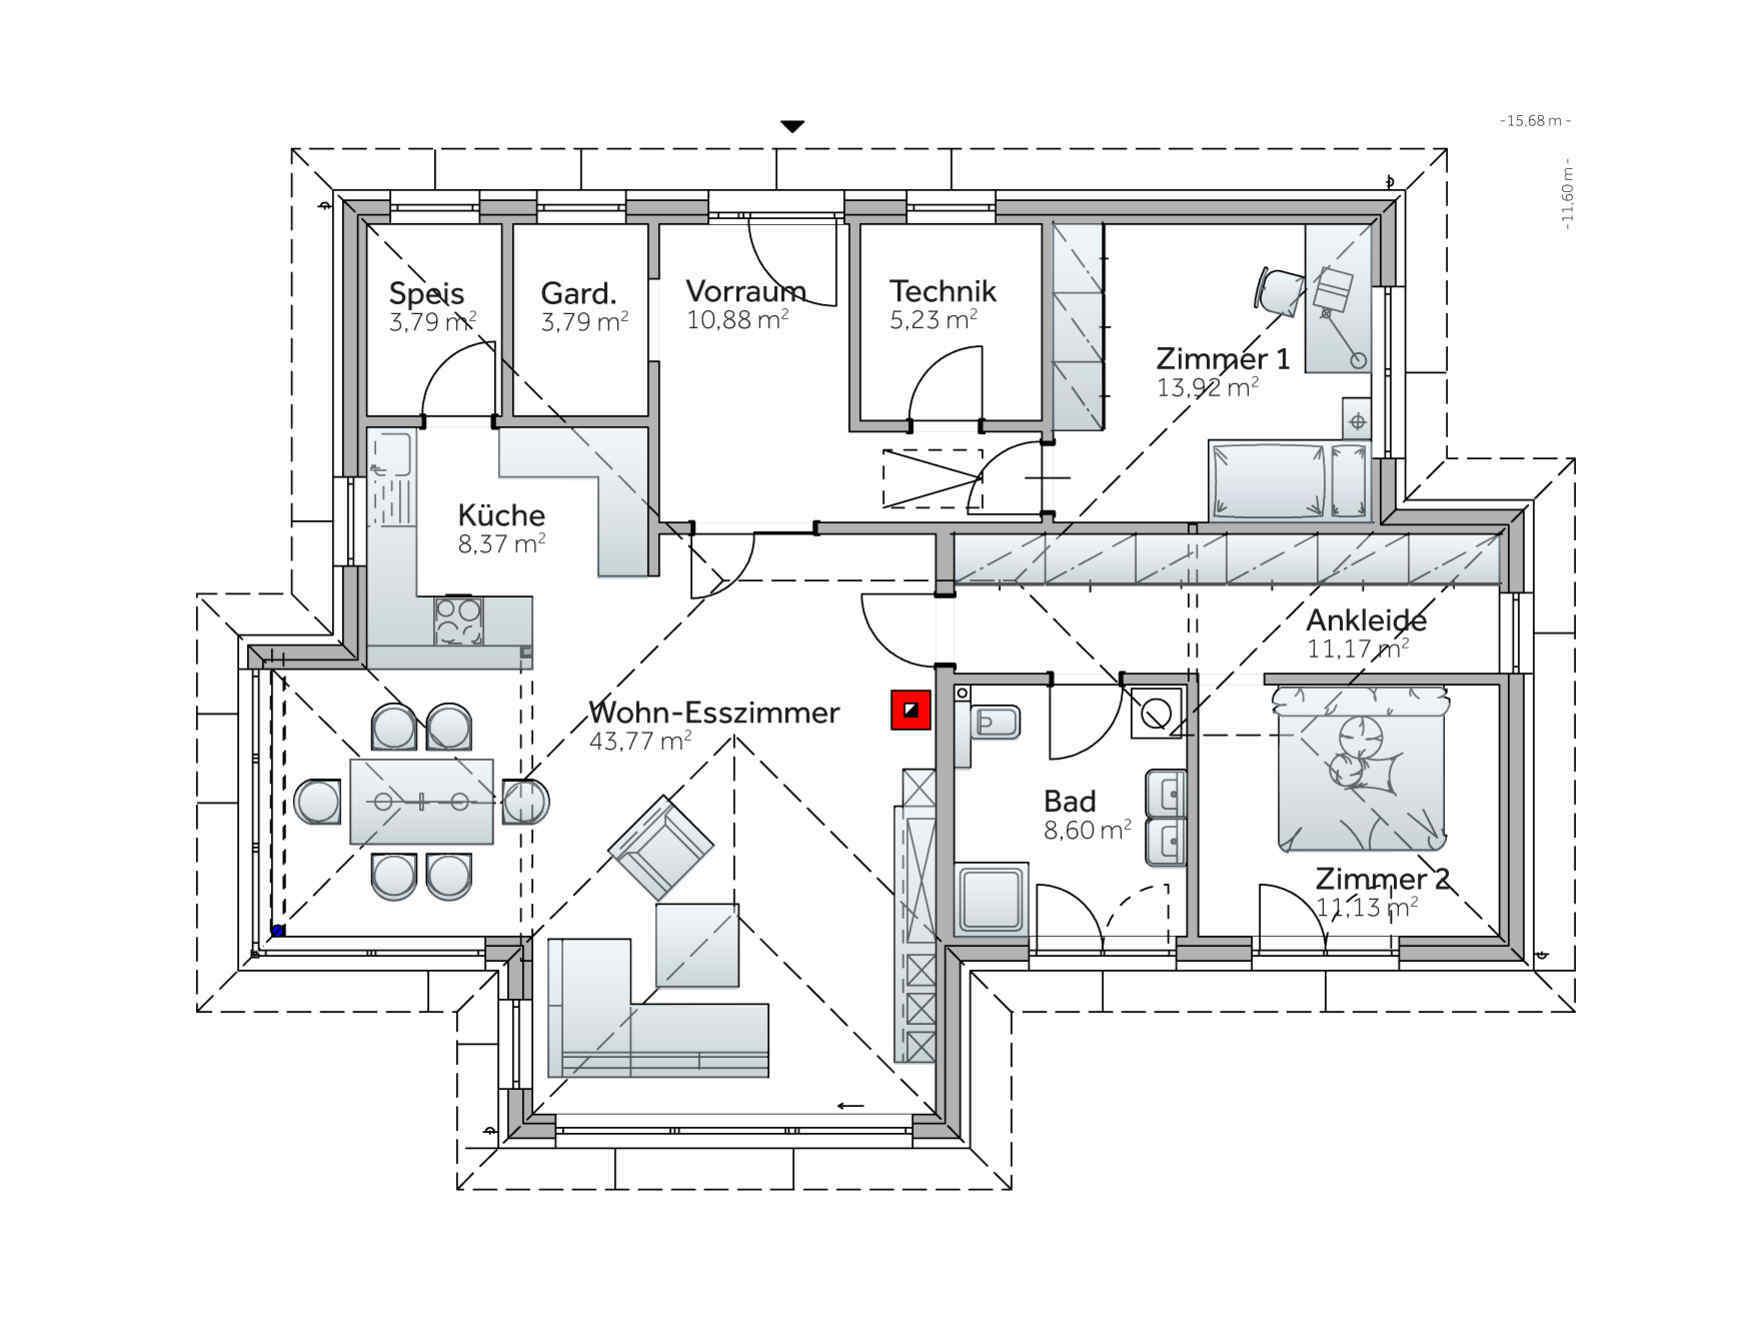 Fertigteilhaus bungalow grundriss  Bungalow mit individuellem Bungalow Grundriss gestalten | VARIO ...